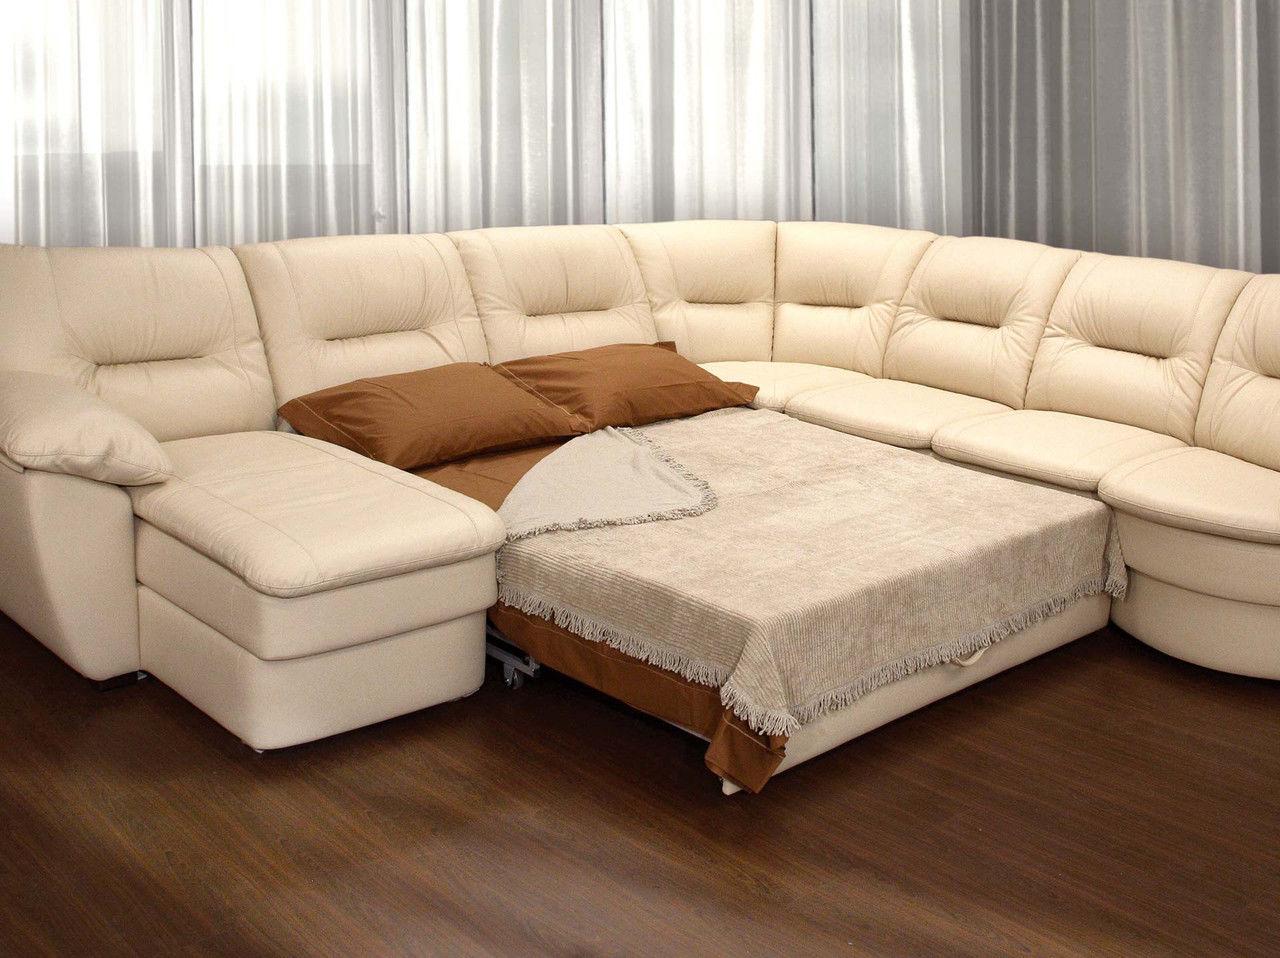 Перетяжка мебели или новая жизнь вашего дивана